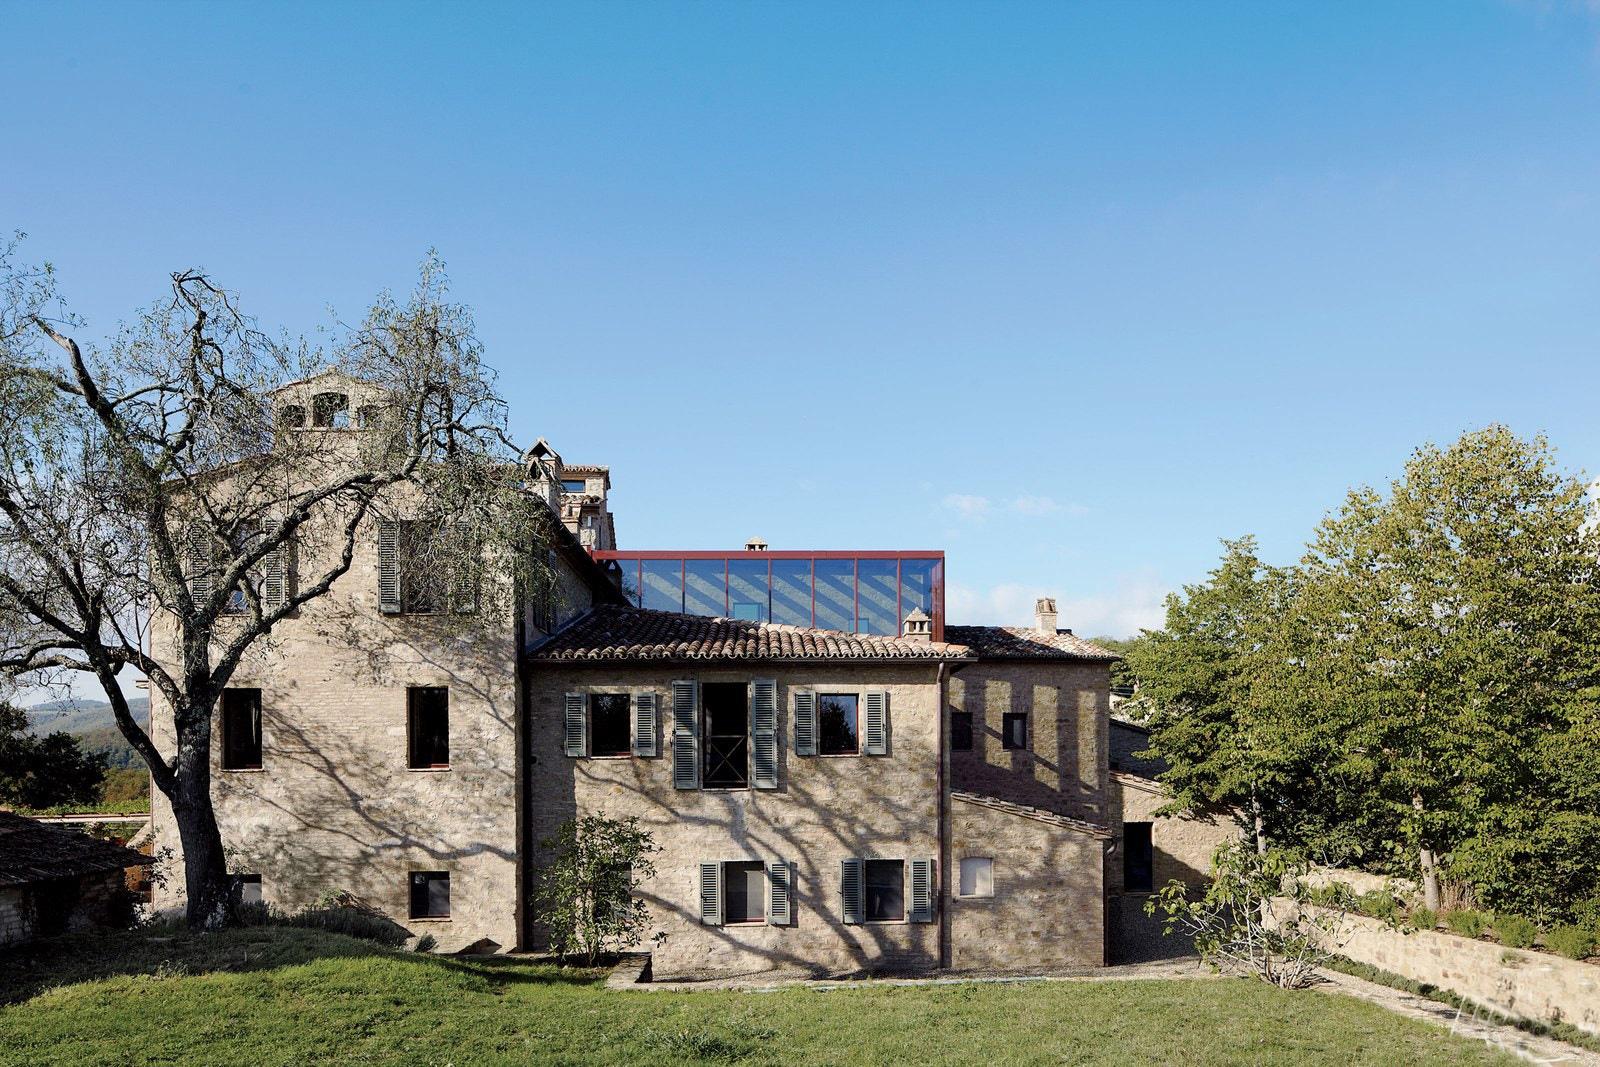 מתחם נופש בבתי חווה איטלקיים מהמאה ה-11